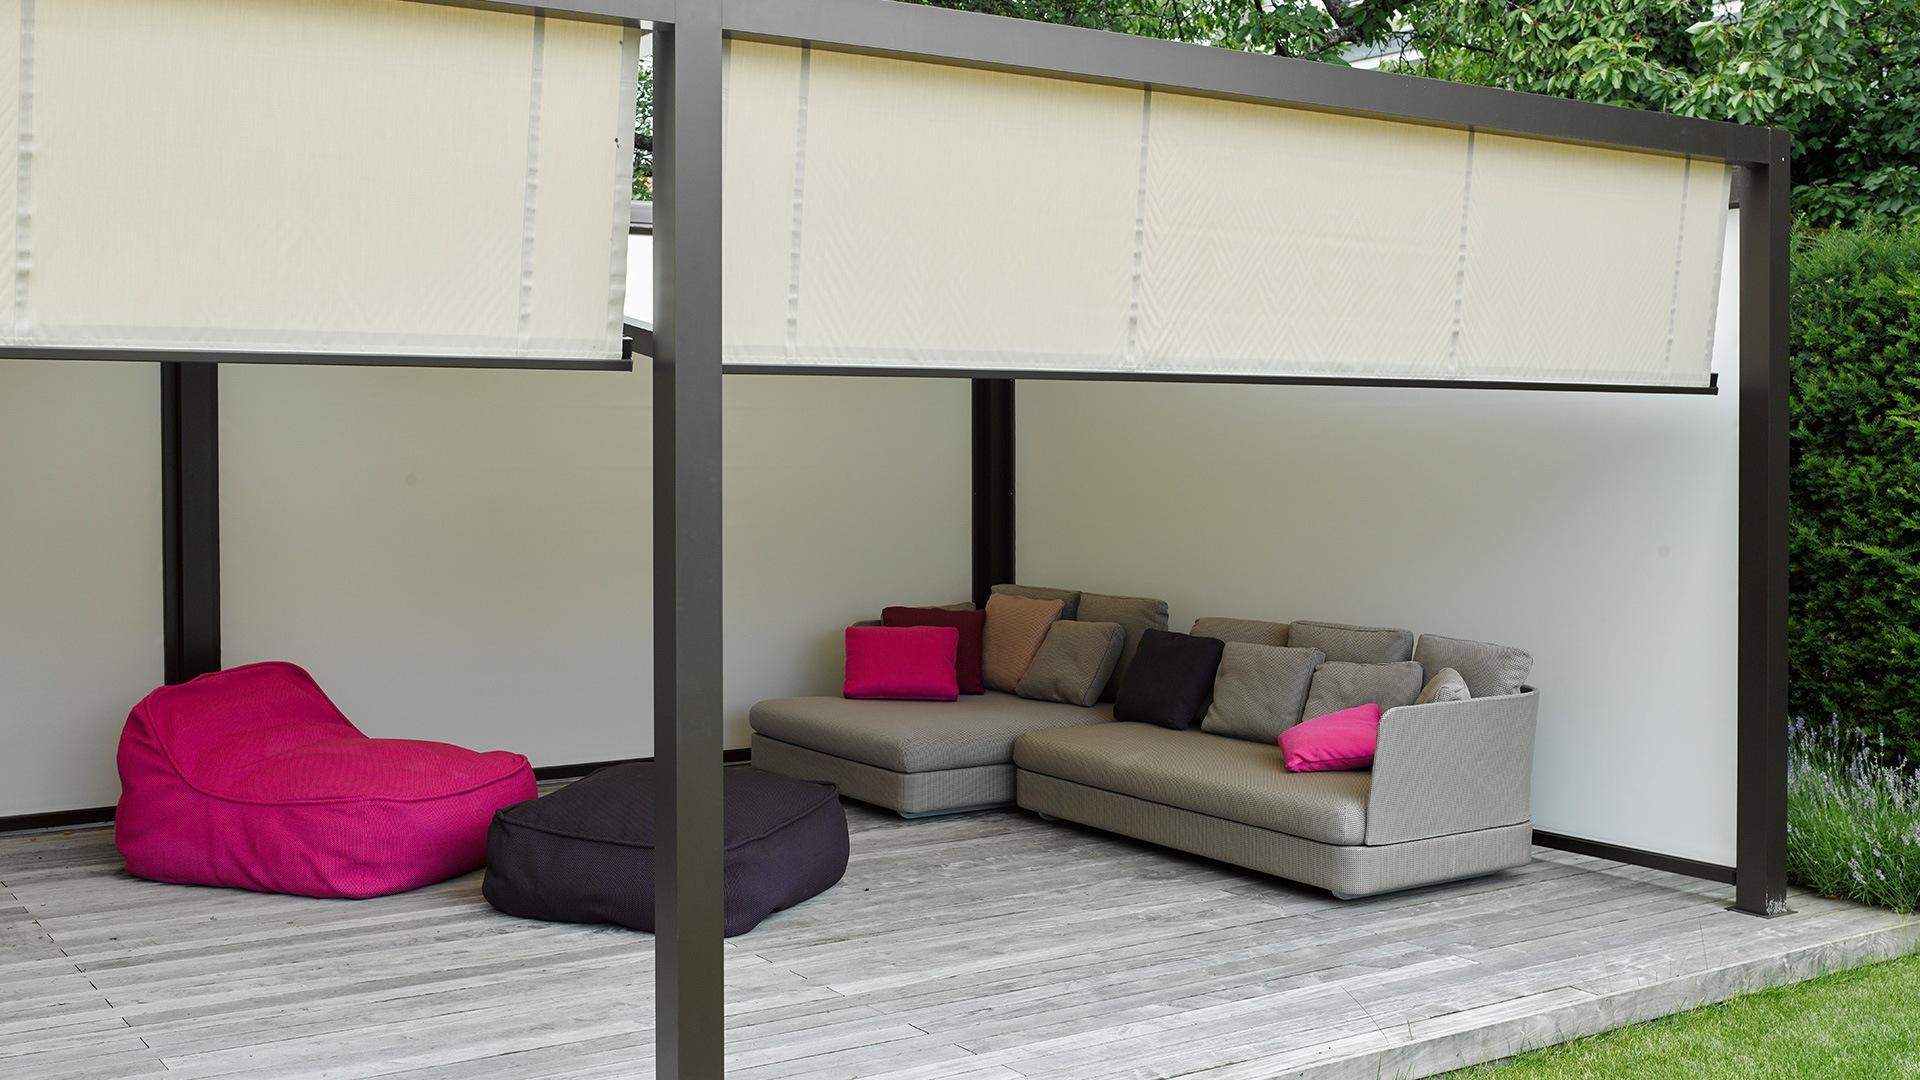 Sonnenschutz fur freisitz und garten markisen zanker for Garten planen mit markise balkon